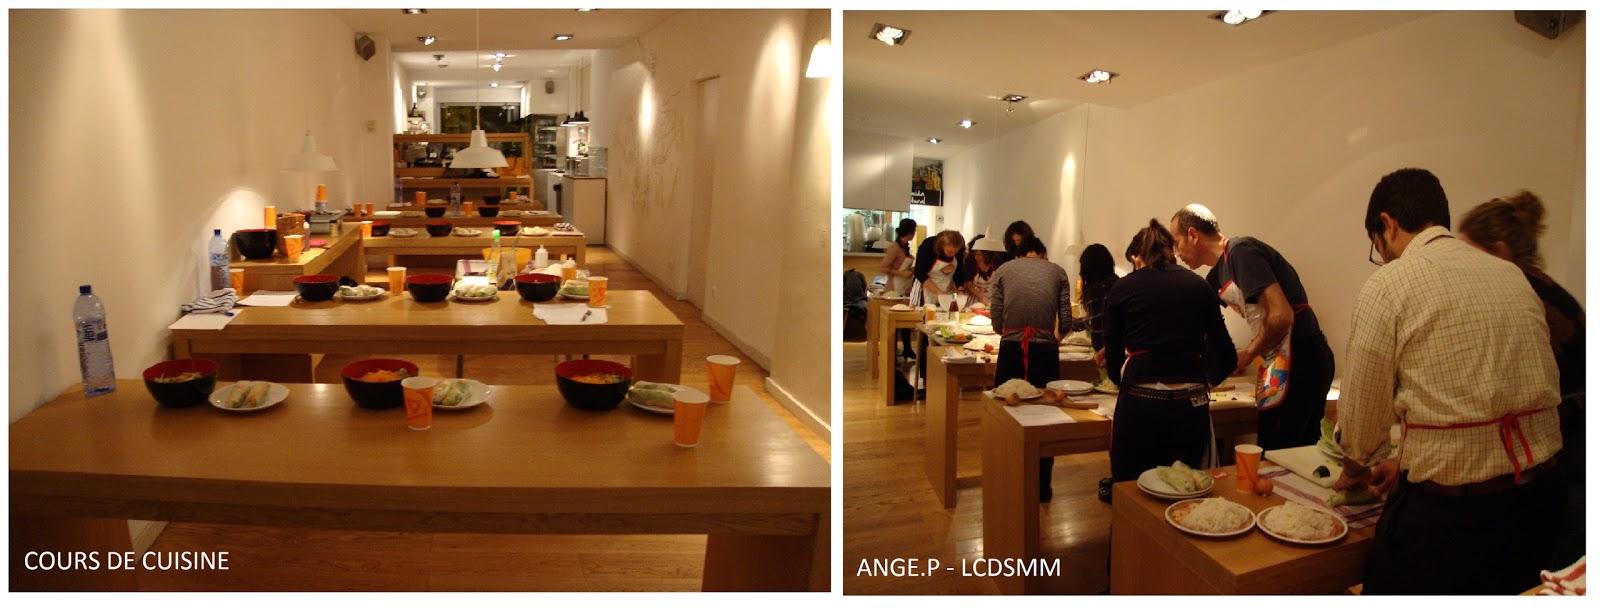 La cuisine des soeurs miam miam cours de cuisine - Zen la cuisine vietnamienne ...